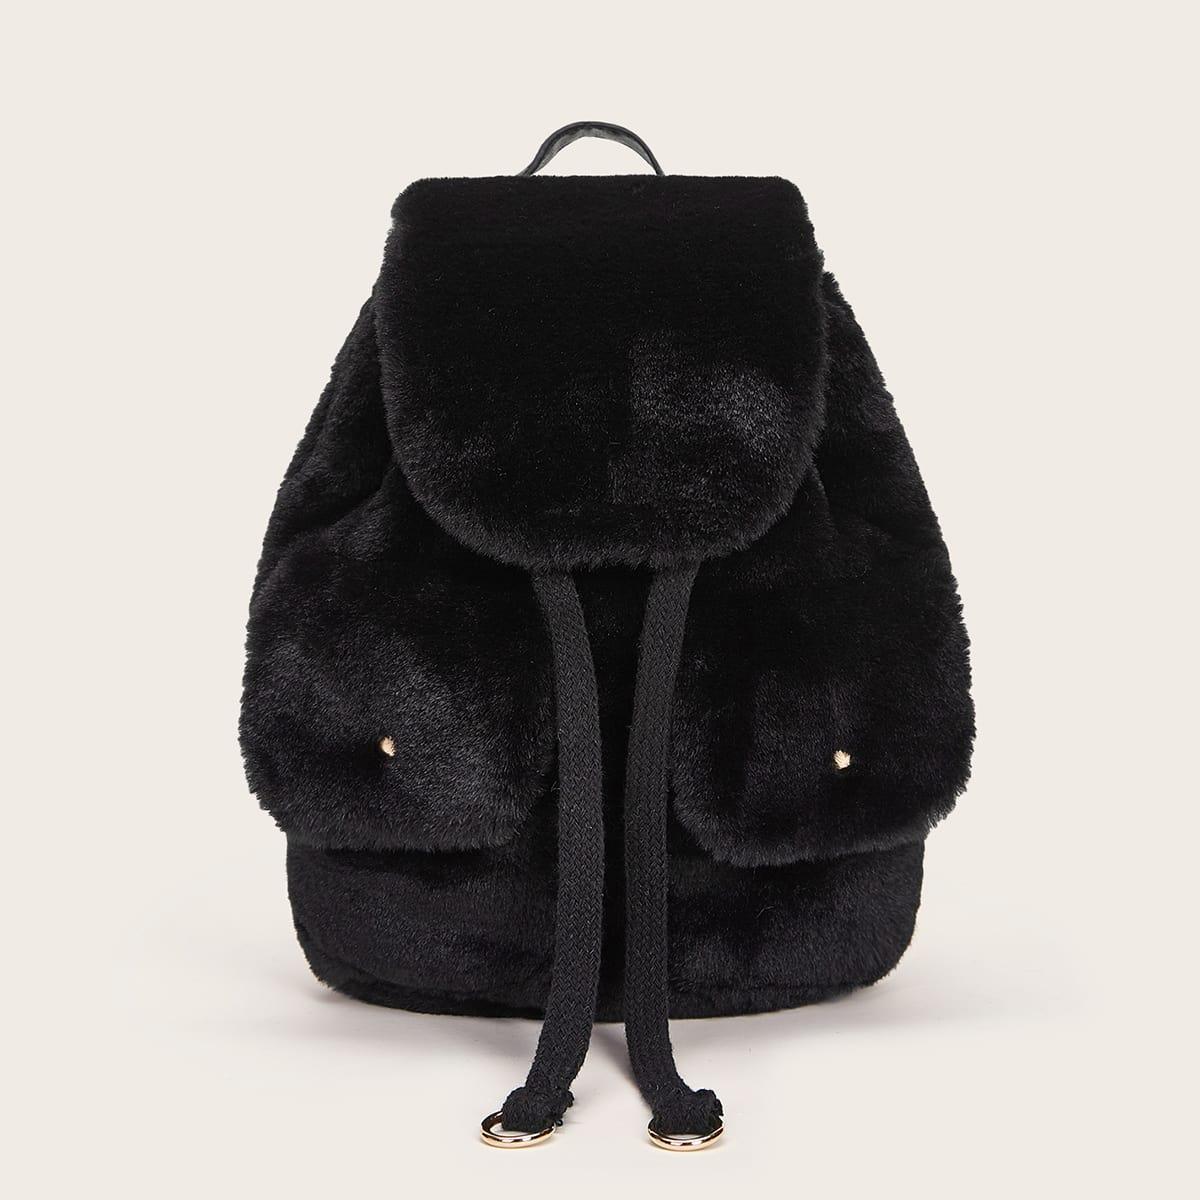 Плюшевый рюкзак с карманом